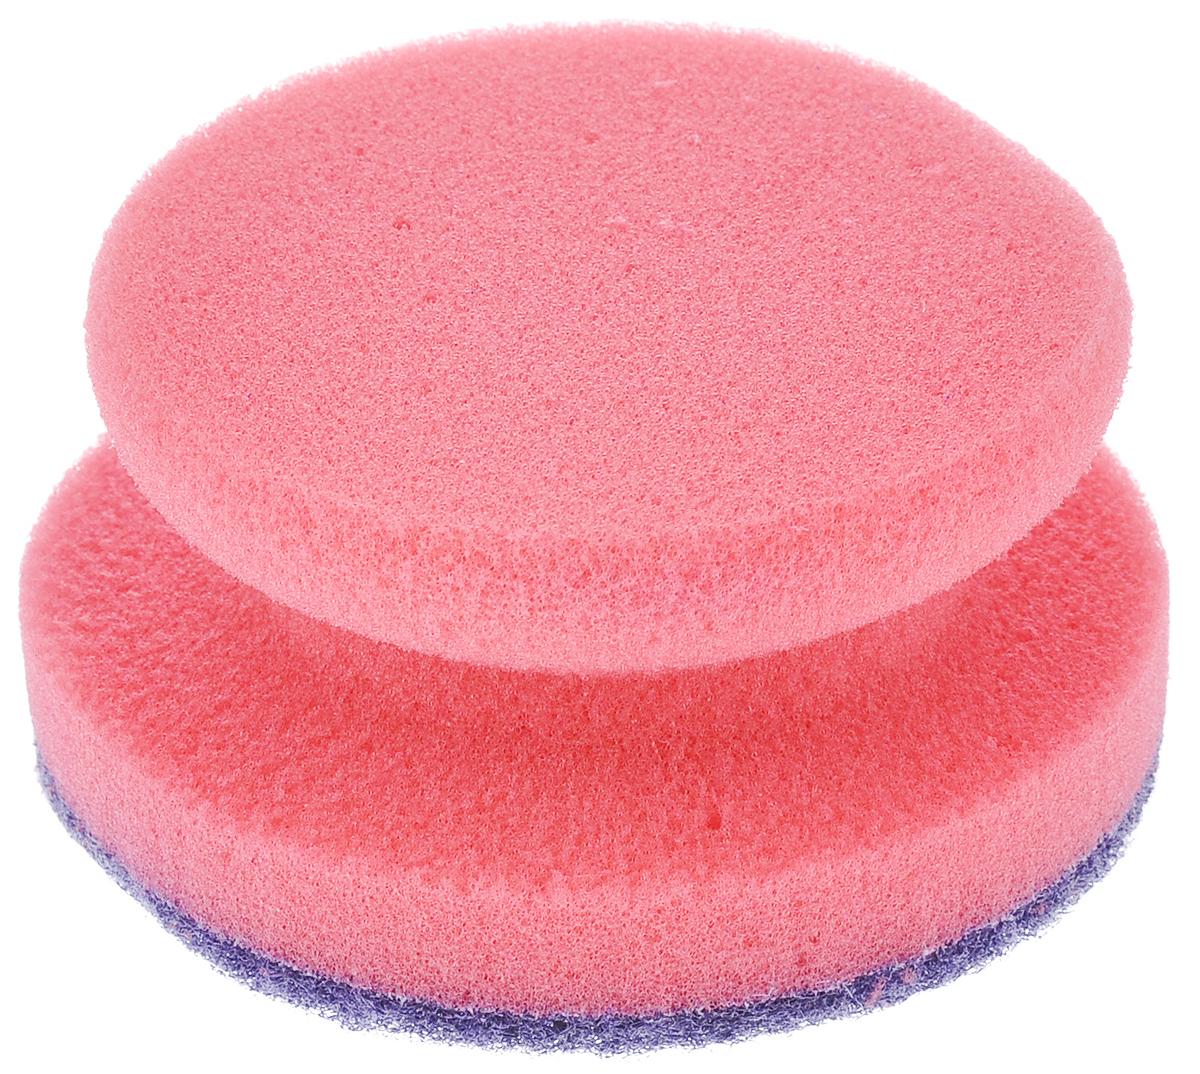 Губка для посуды La Chista Анатомик, с держателем, цвет: розовый, 9,5 см х 9,5 см х 4,5 см870323_розовыйКруглая губка La Chista Анатомик, изготовленная из мягкого поролона с абразивными материалами, предназначена для уборки и мытья посуды. Они идеально удаляют жир, грязь и пригоревшую пищу. Форма губки позволяет удобно ее удерживать.Особенности:Изготовлены из экологически чистого сырья.Не содержит фреонов и метилгидрохлорида.Высокая плотность поролона экономит моющее средство.